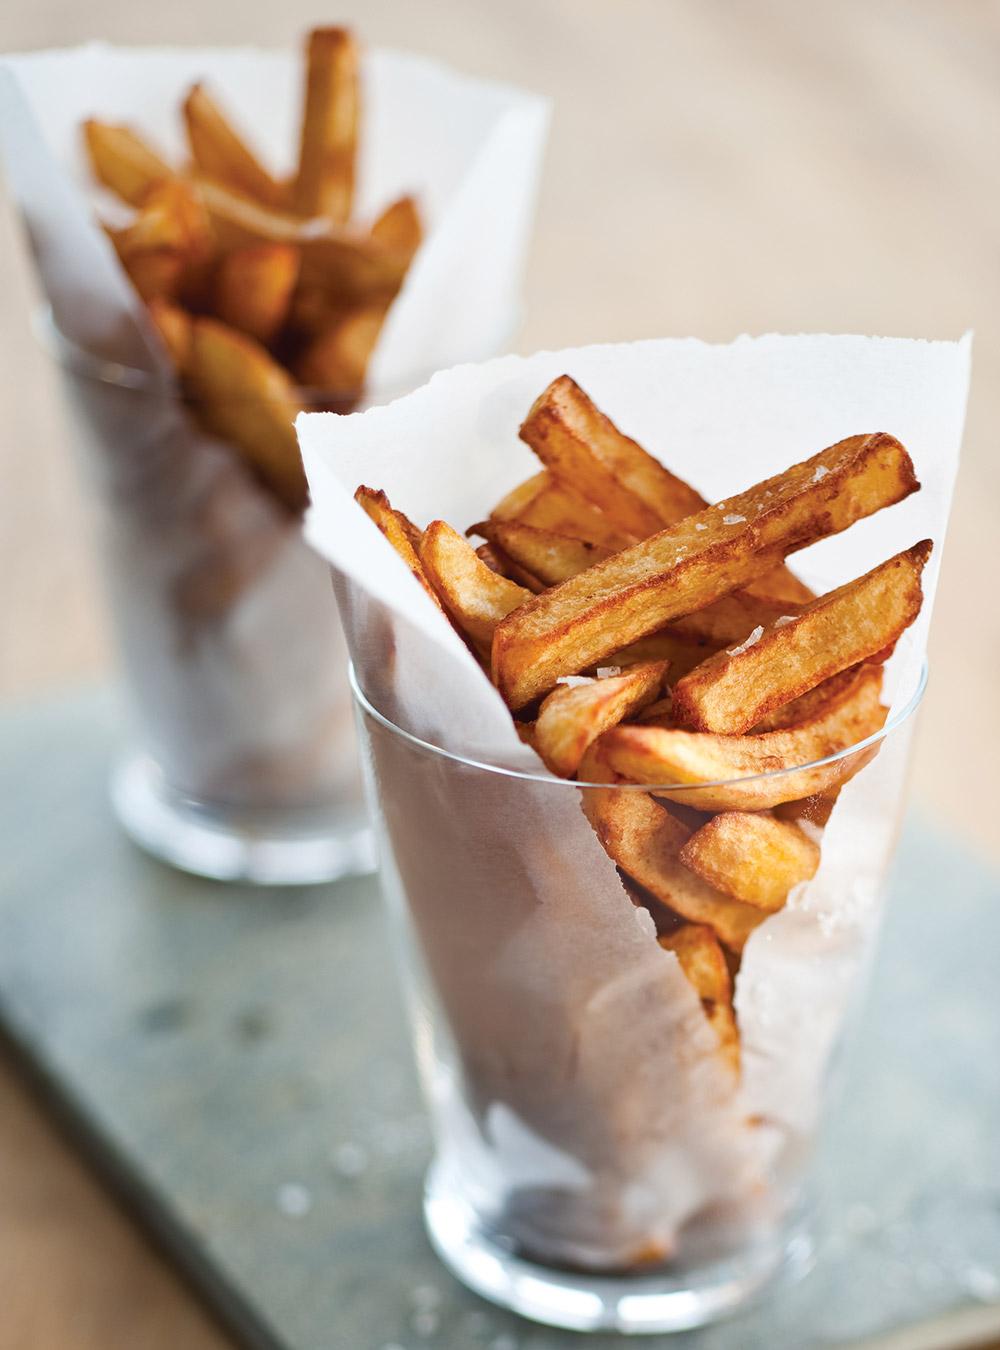 Recette les big frites croustillantes recette - Frites pour friteuse au four ...